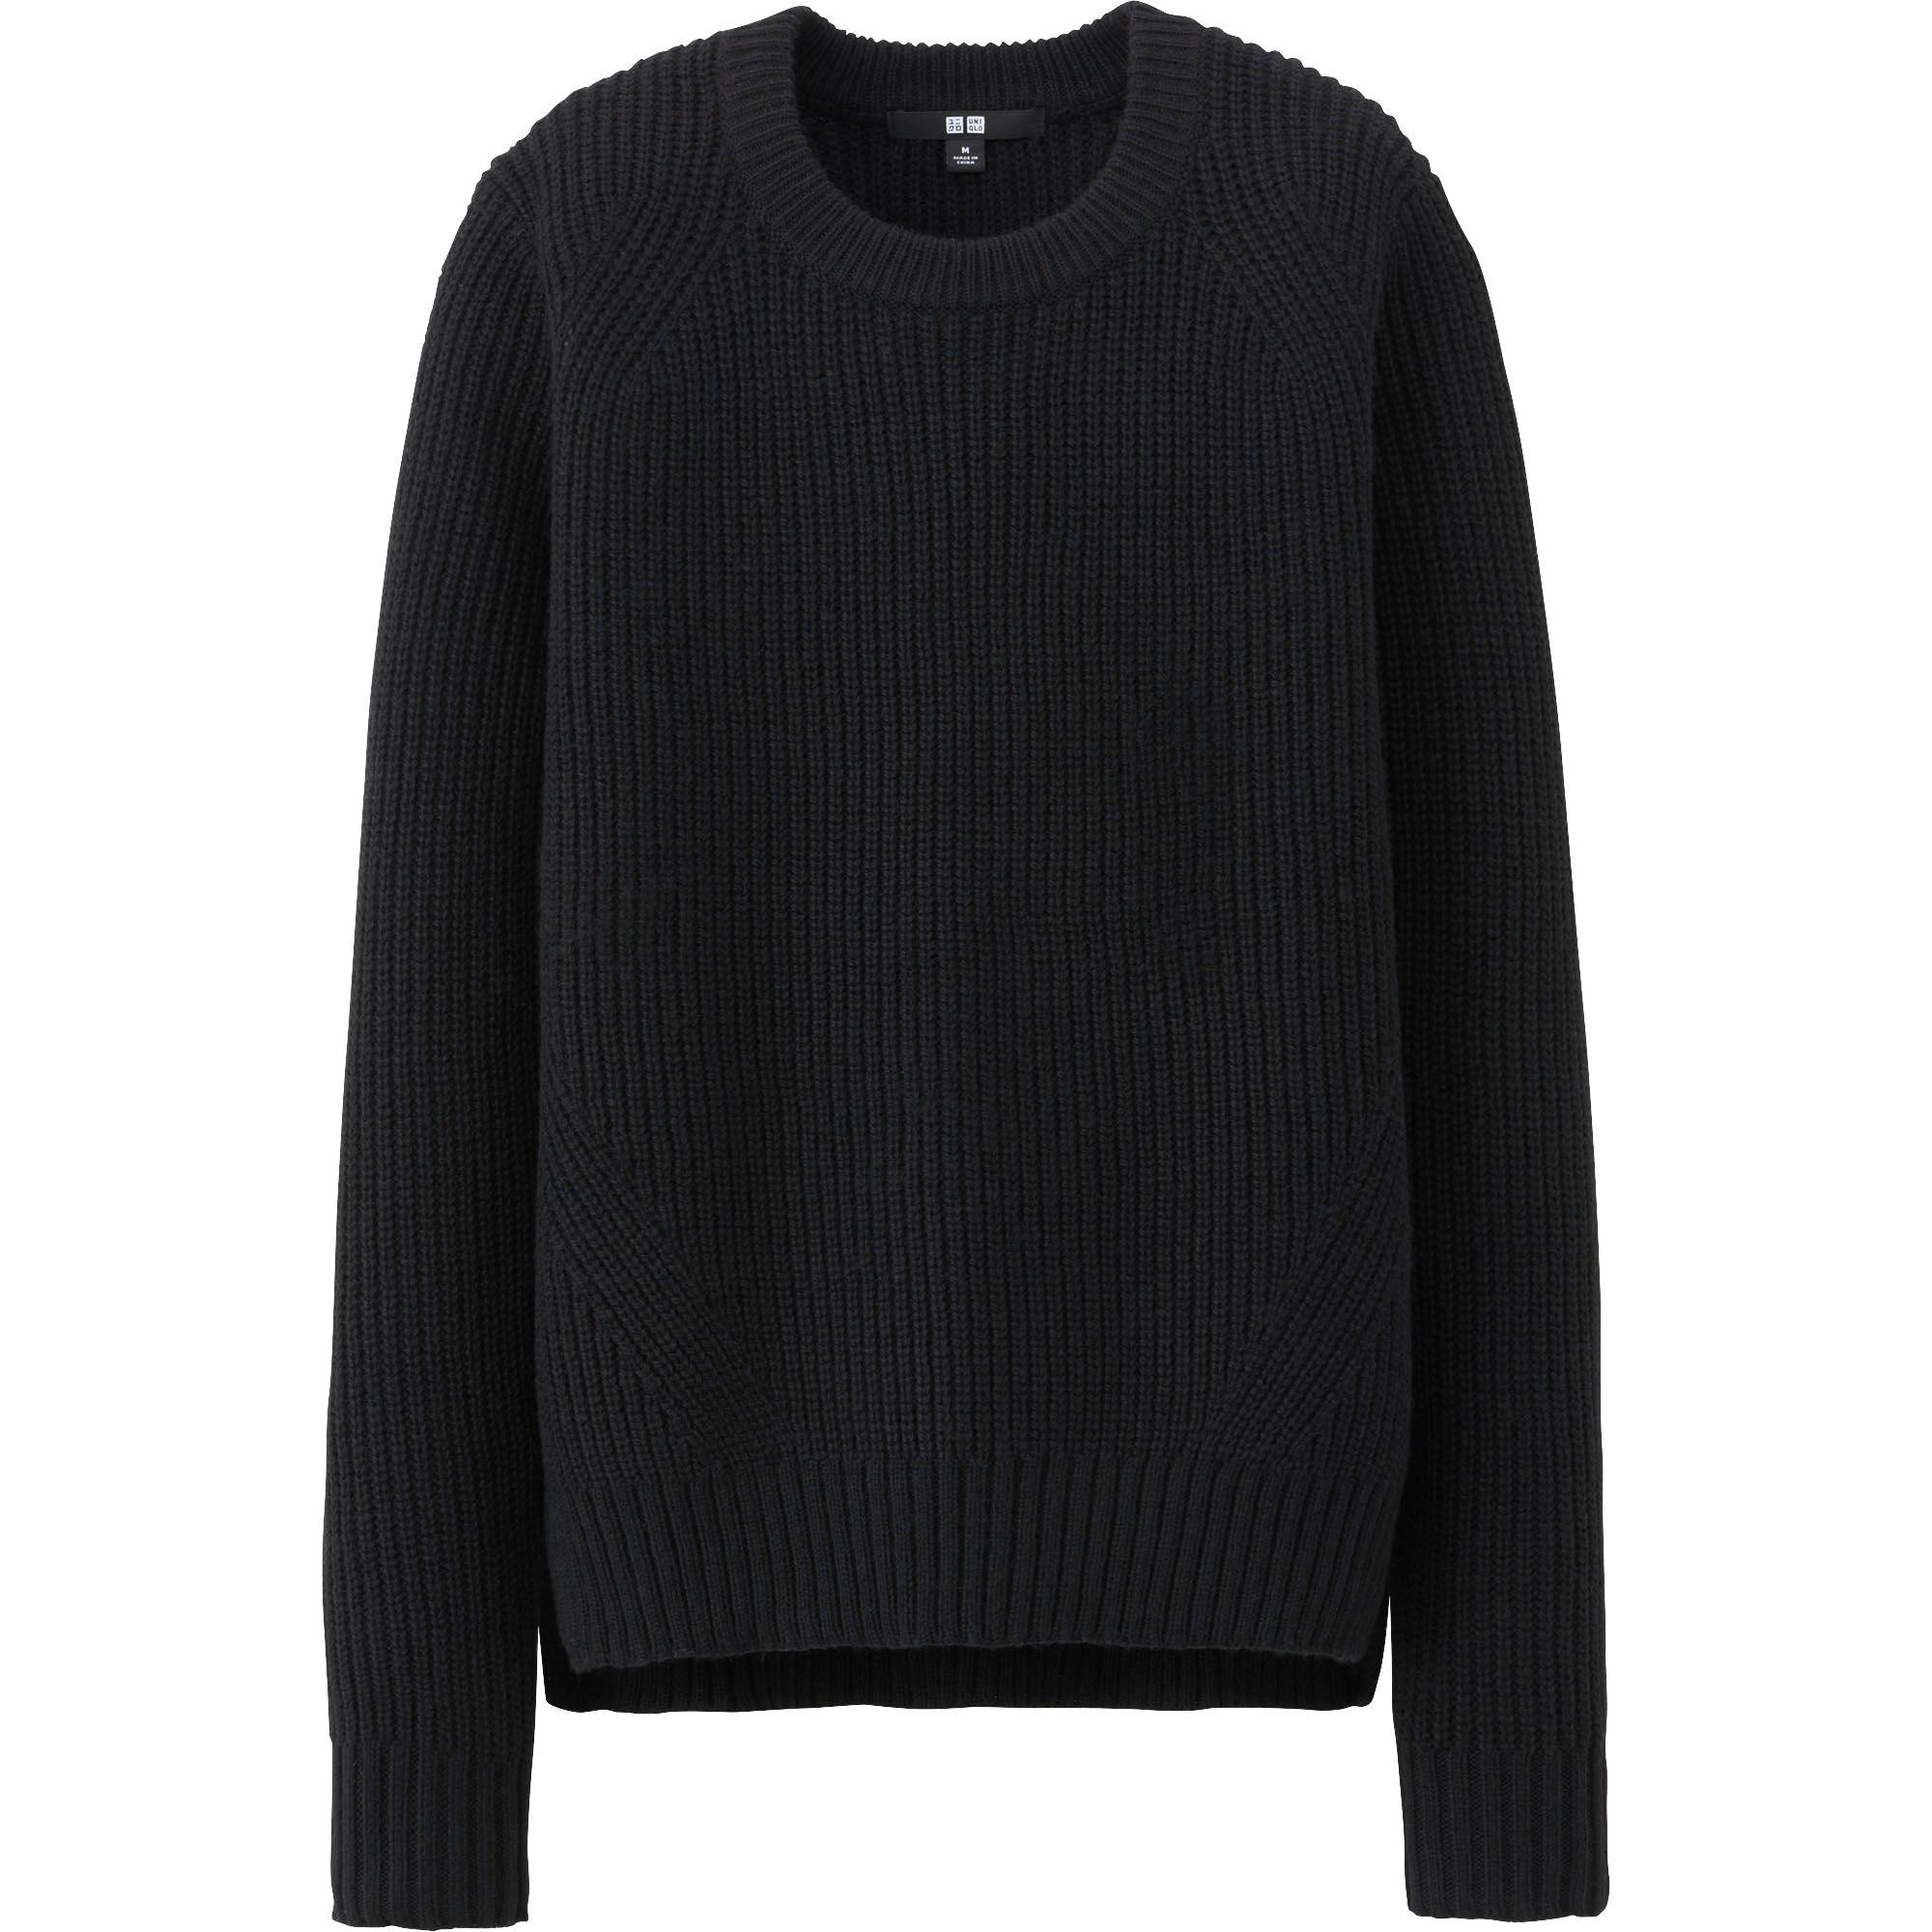 Heavy Gauge Wool Sweater 33